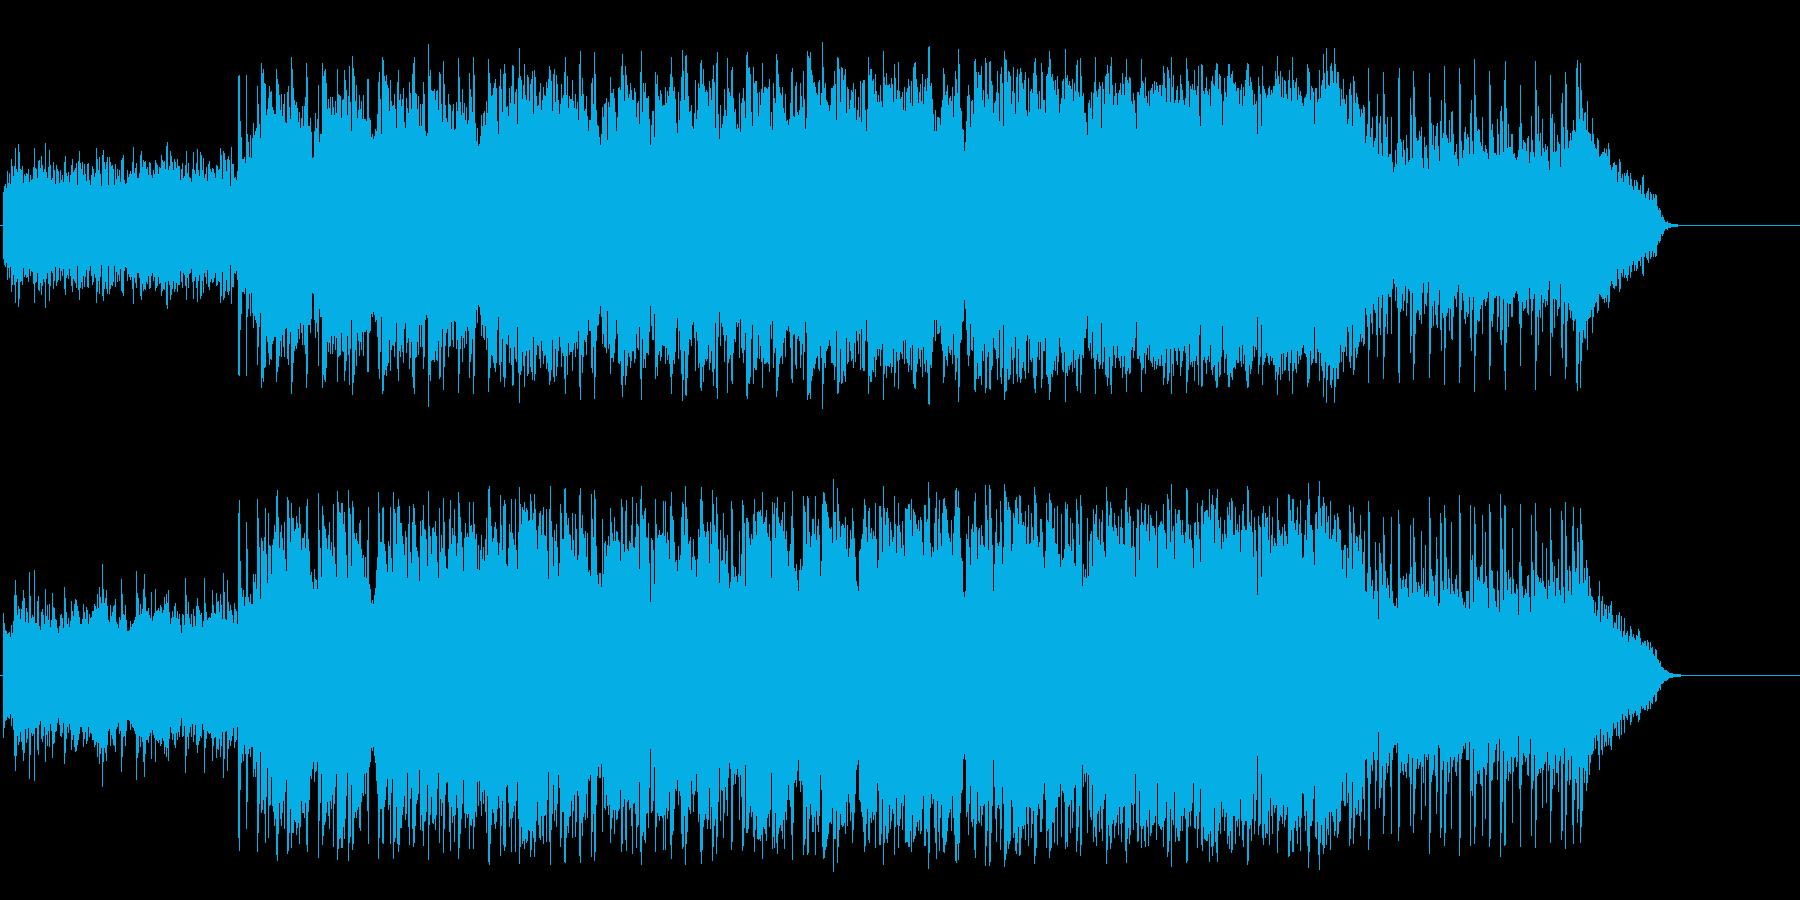 大自然の素朴なポップ/アコースティックの再生済みの波形